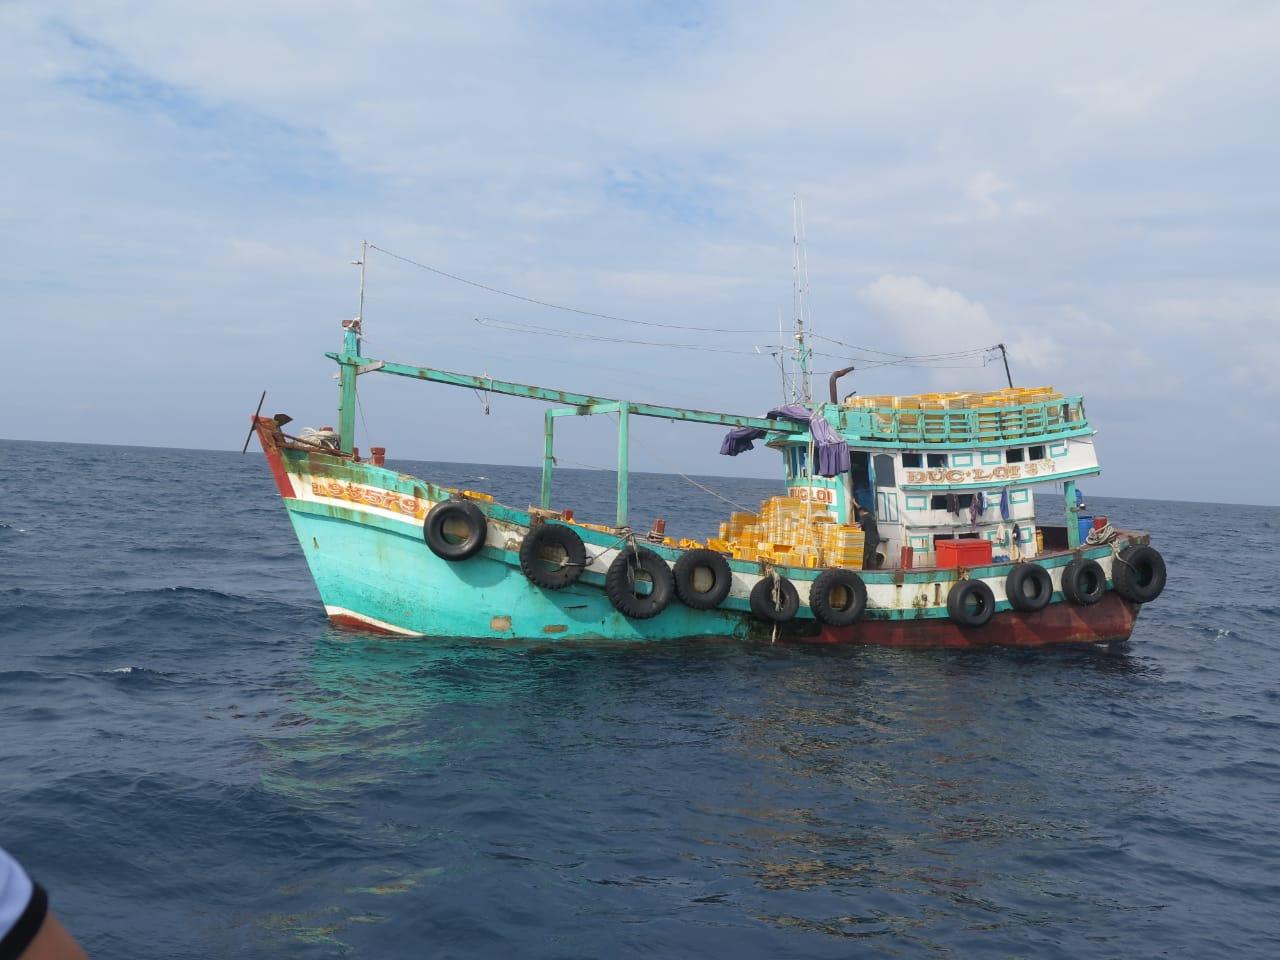 https: img.okezone.com content 2019 07 28 320 2084615 ri-kembali-tangkap-6-kapal-ilegal-dari-vietnam-dan-filipina-wcaTBlhcIc.jpg